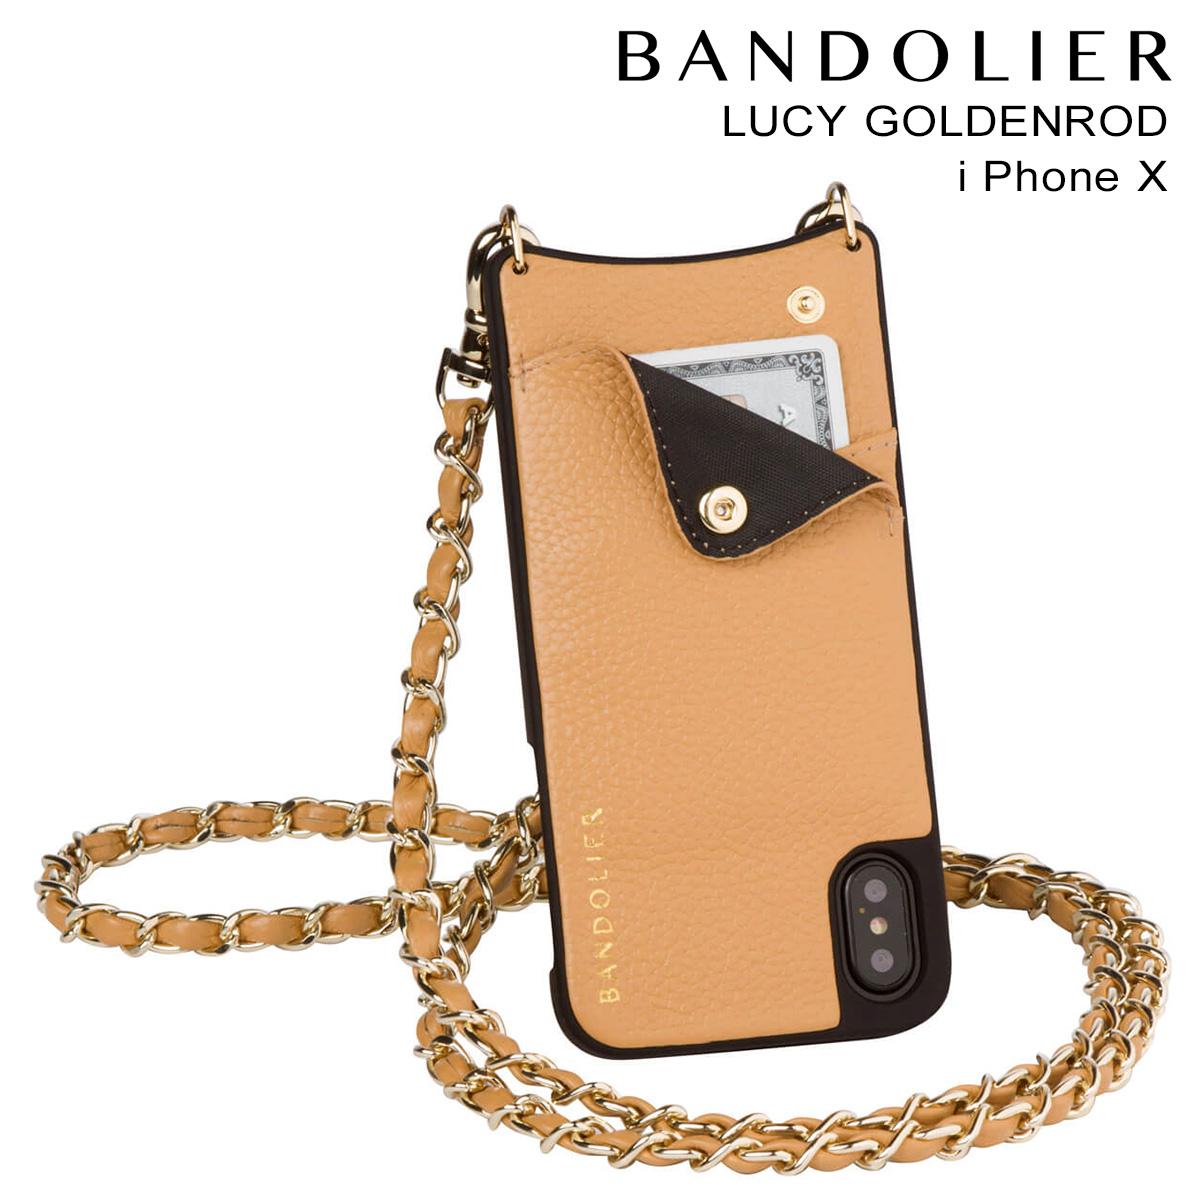 バンドリヤー BANDOLIER iPhoneX ケース スマホ アイフォン LUCY GOLDENROD レザー メンズ レディース [9/19 新入荷]